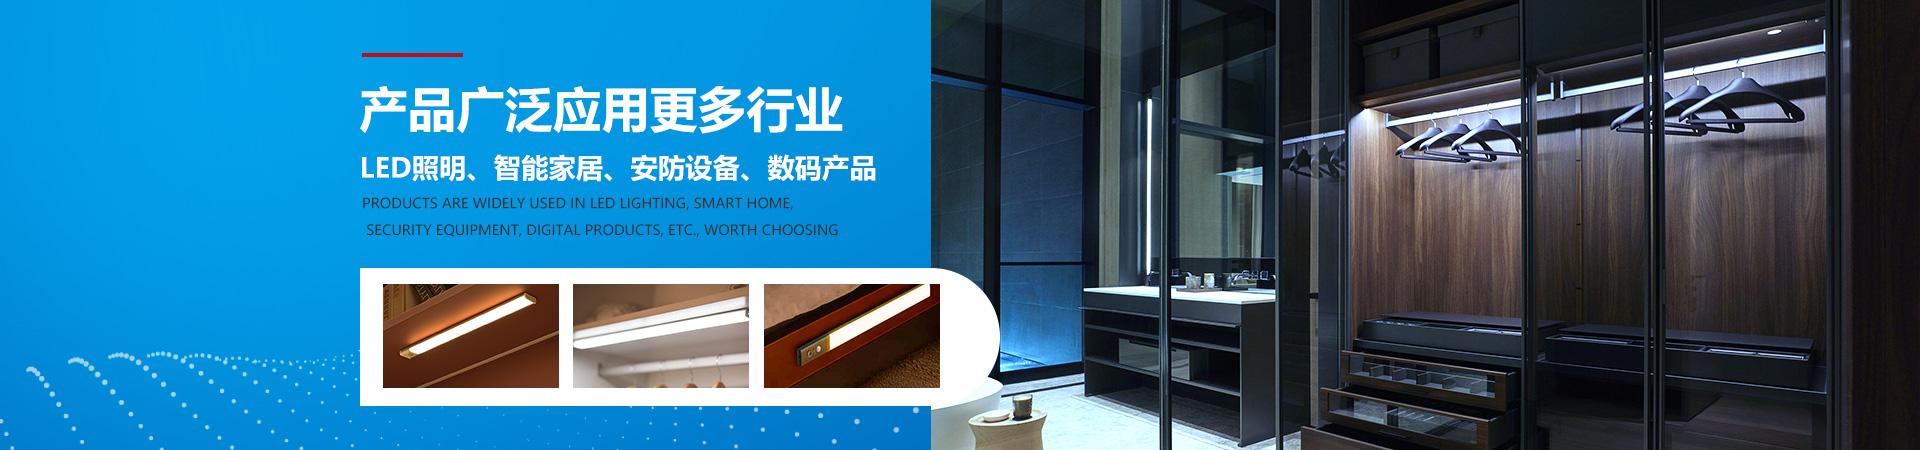 安富产品广泛应用于LED照明、智能家居、安防设备、数码产品等,值得选择